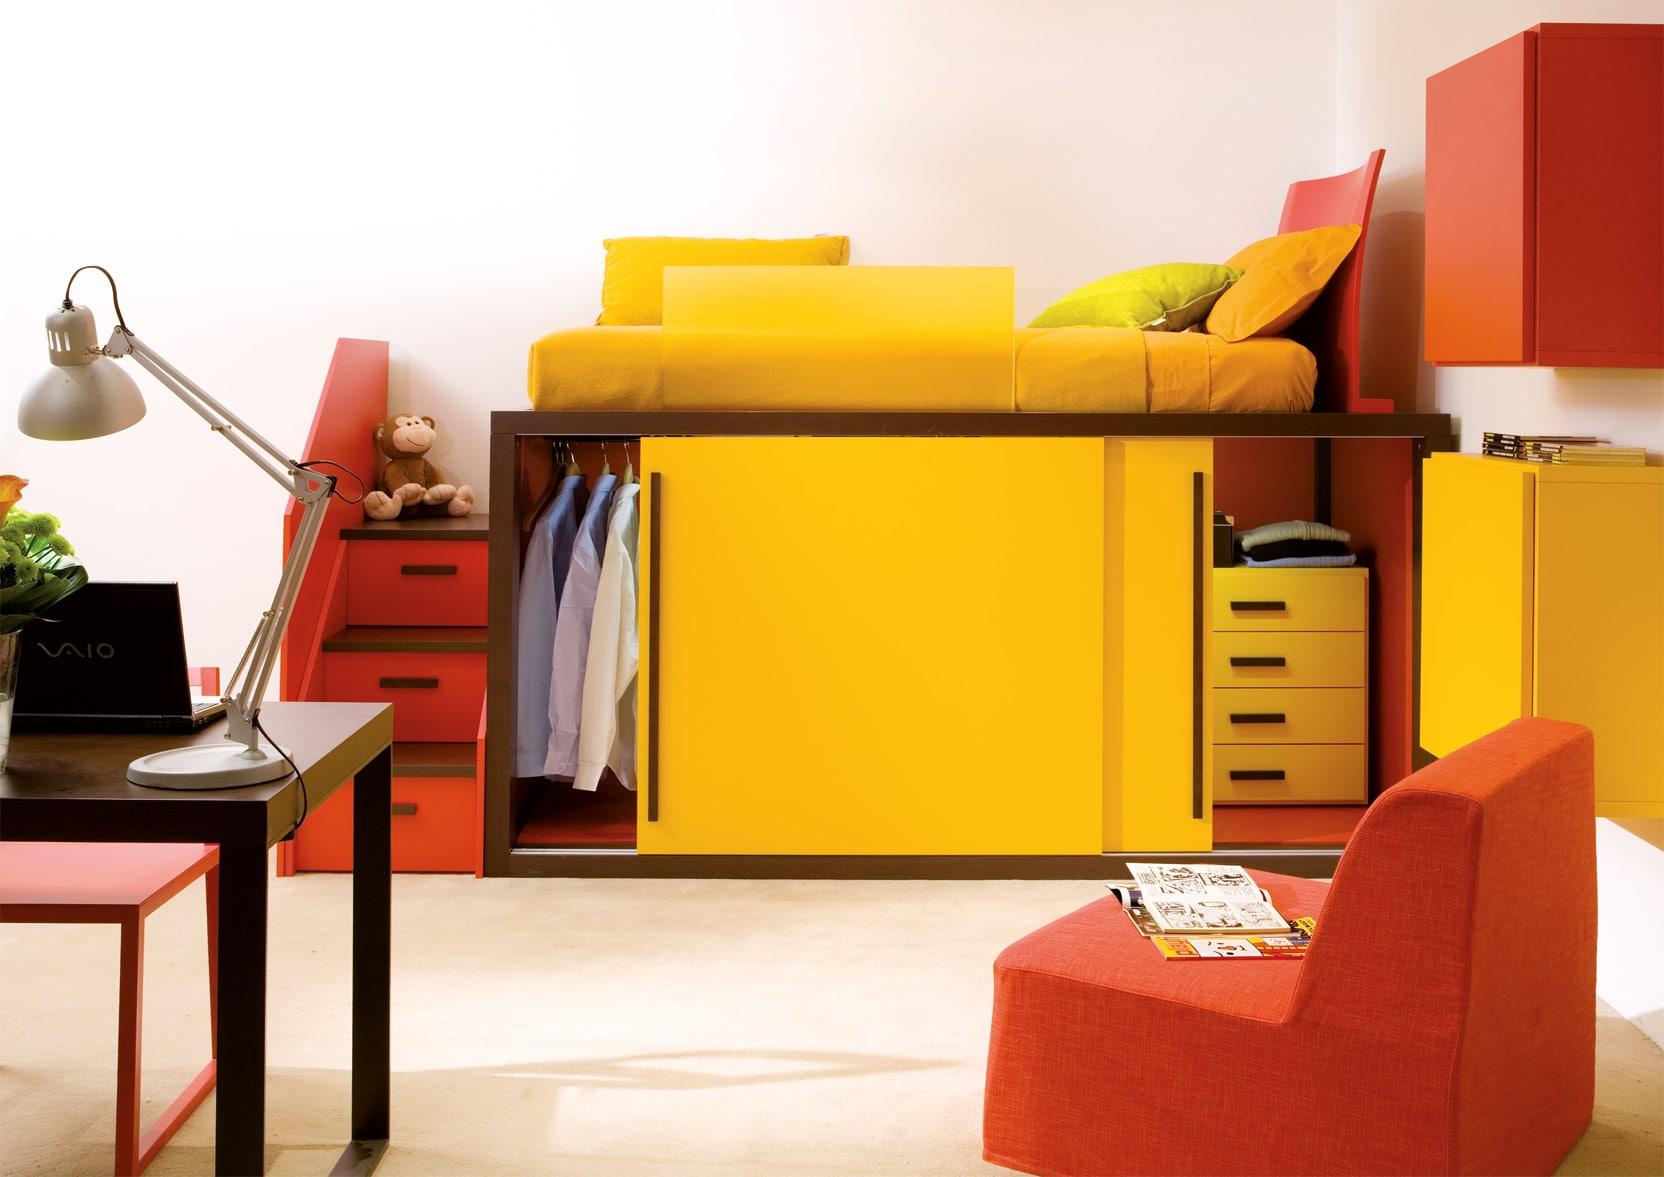 Design Hochbett integriert mit Schrank